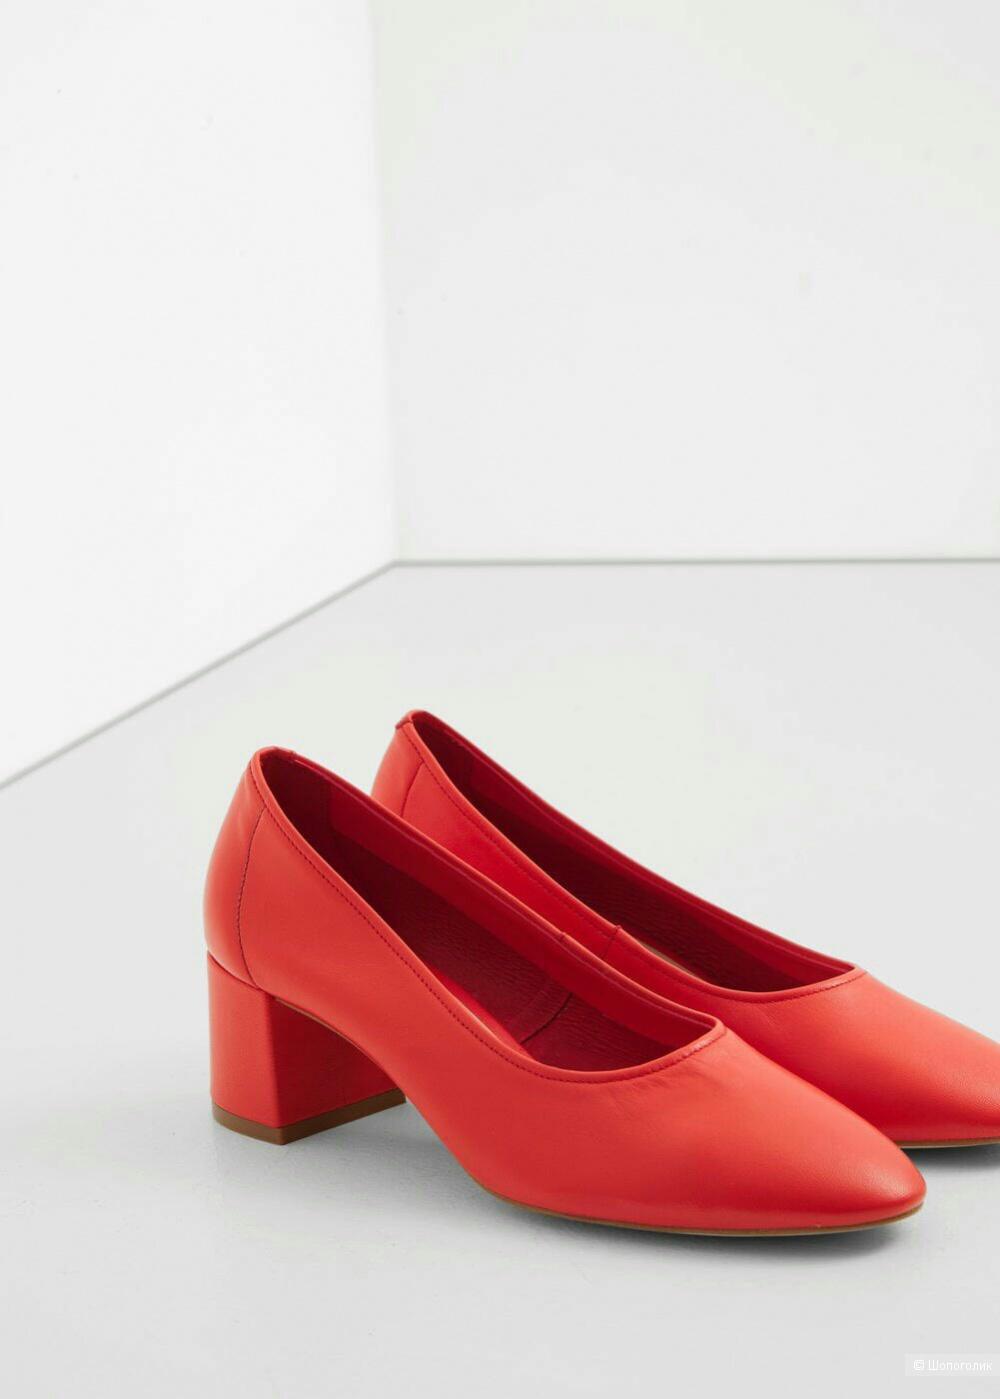 Туфли mango, 36